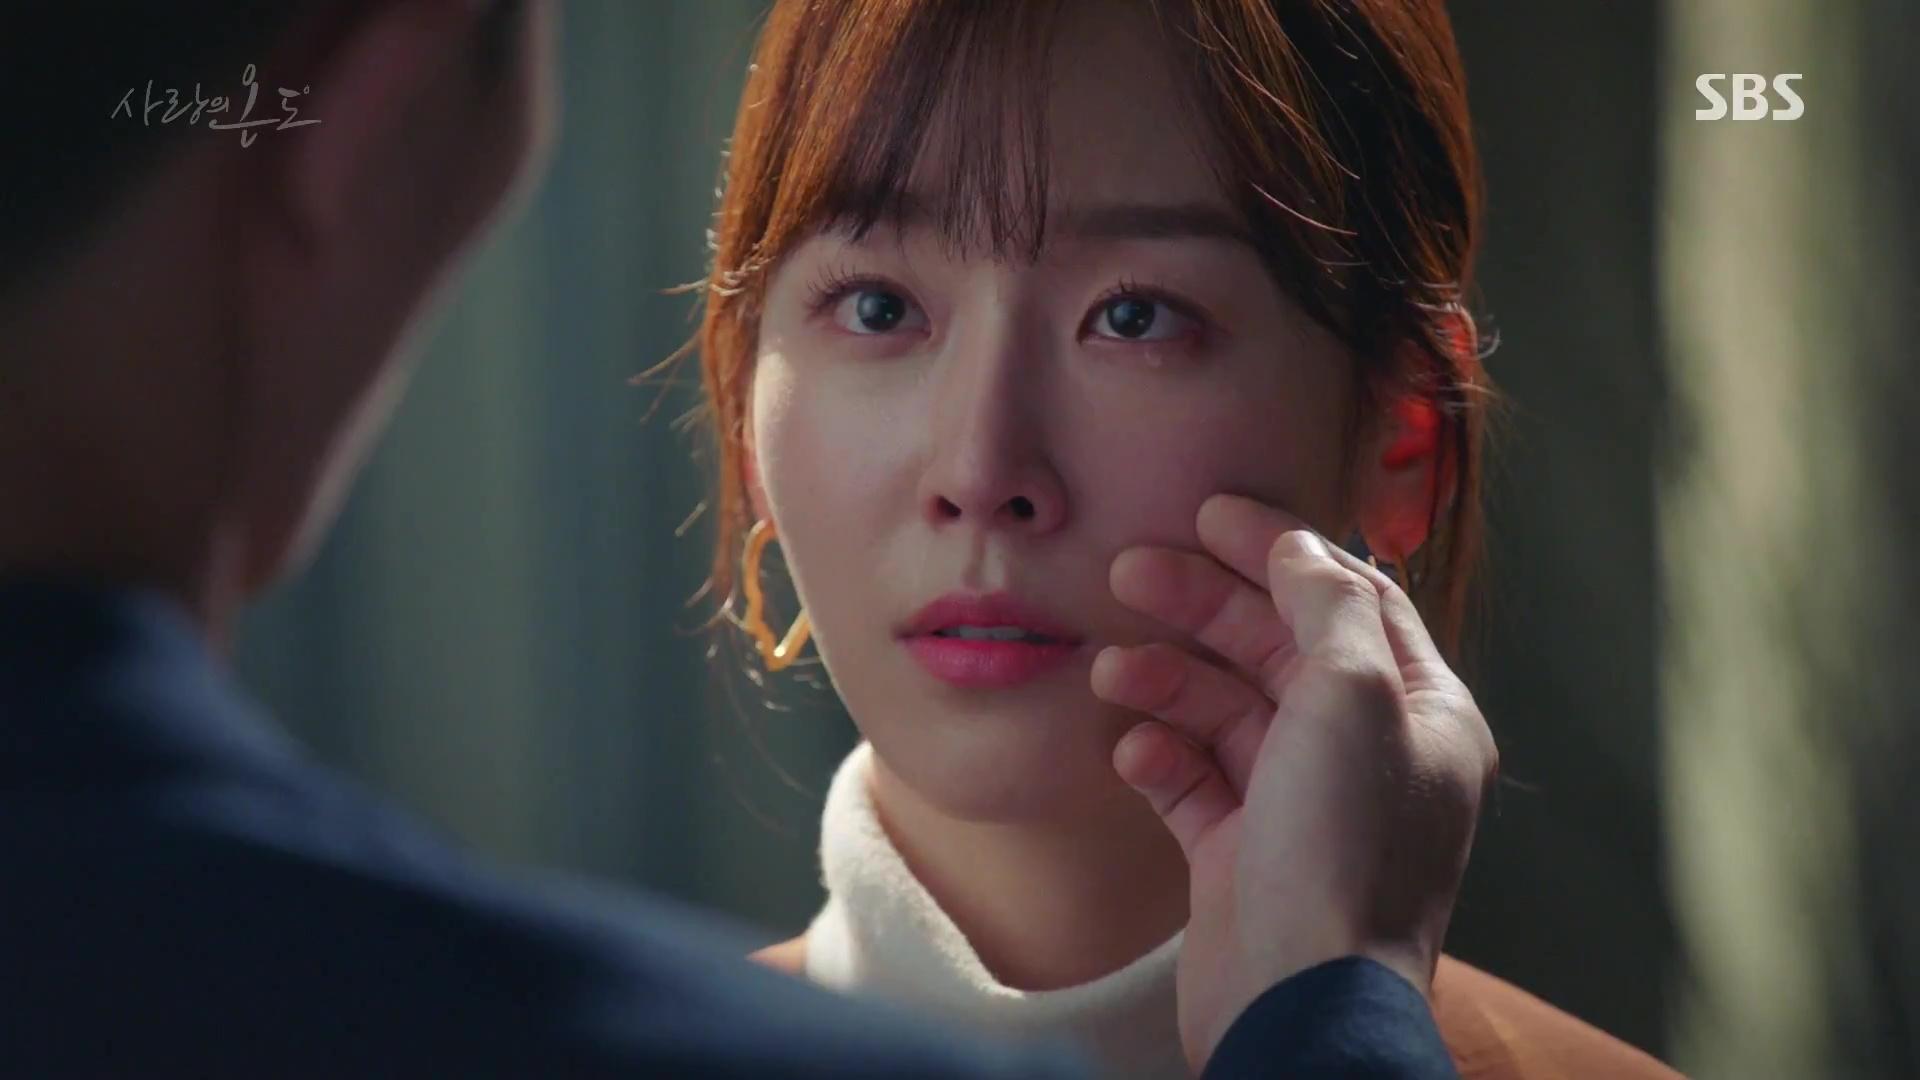 Bị nam chính bơ đẹp, yêu nữ số 1 Hàn Quốc nuốt không nổi cơm, quyết phục thù - Ảnh 24.